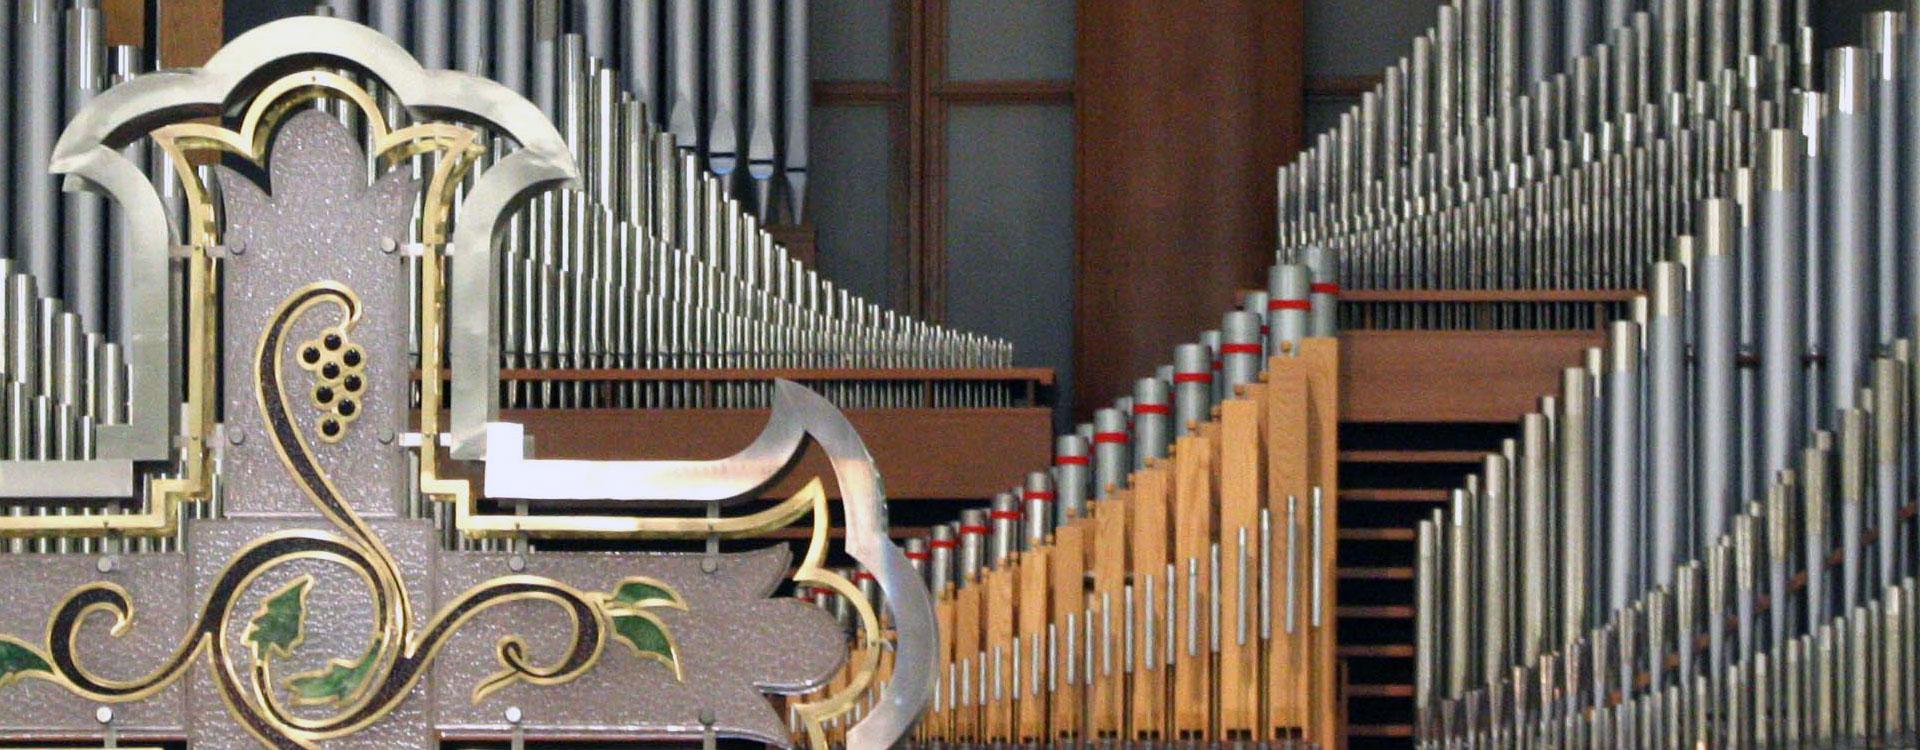 Arborlawn organ closeup.jpg